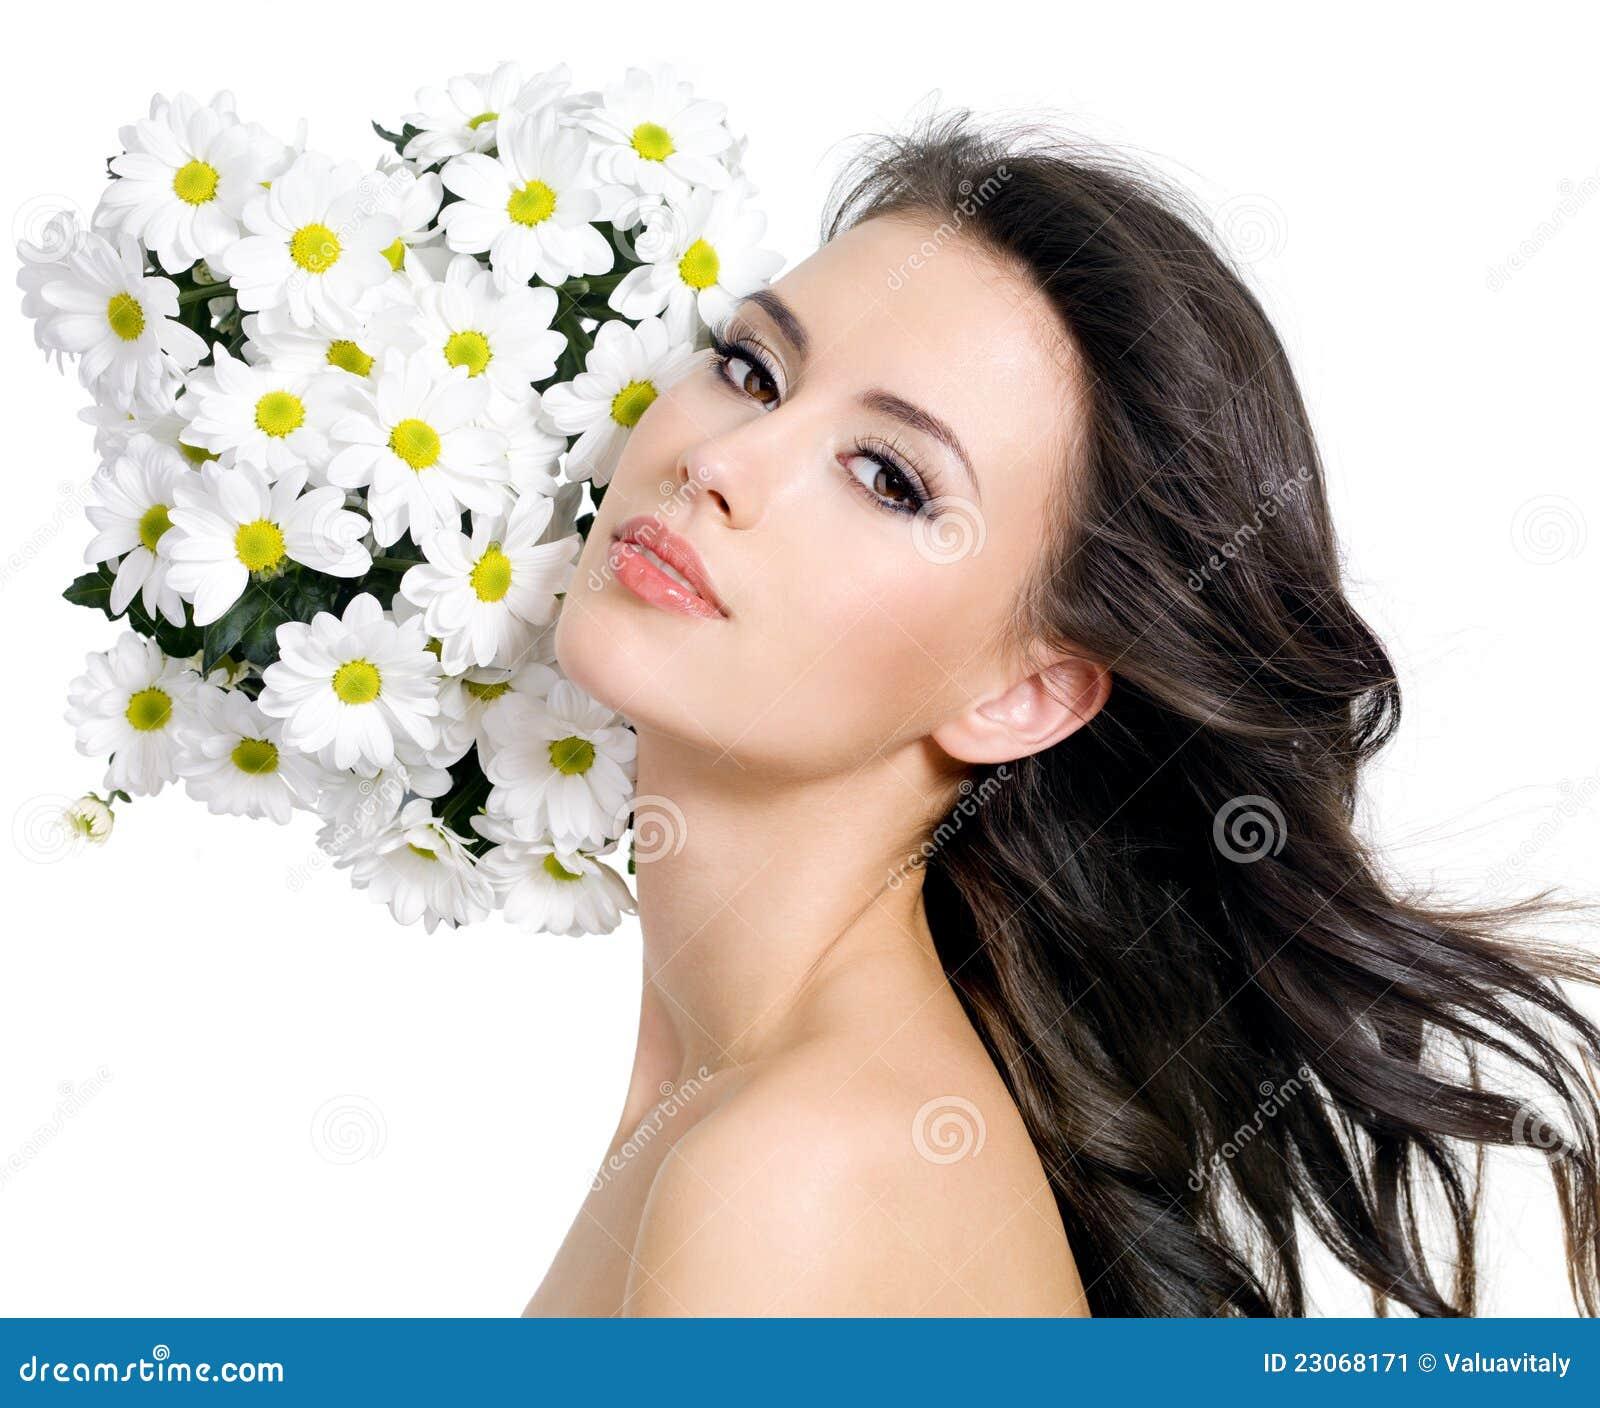 mulher-bonita-com-flores-23068171.jpg